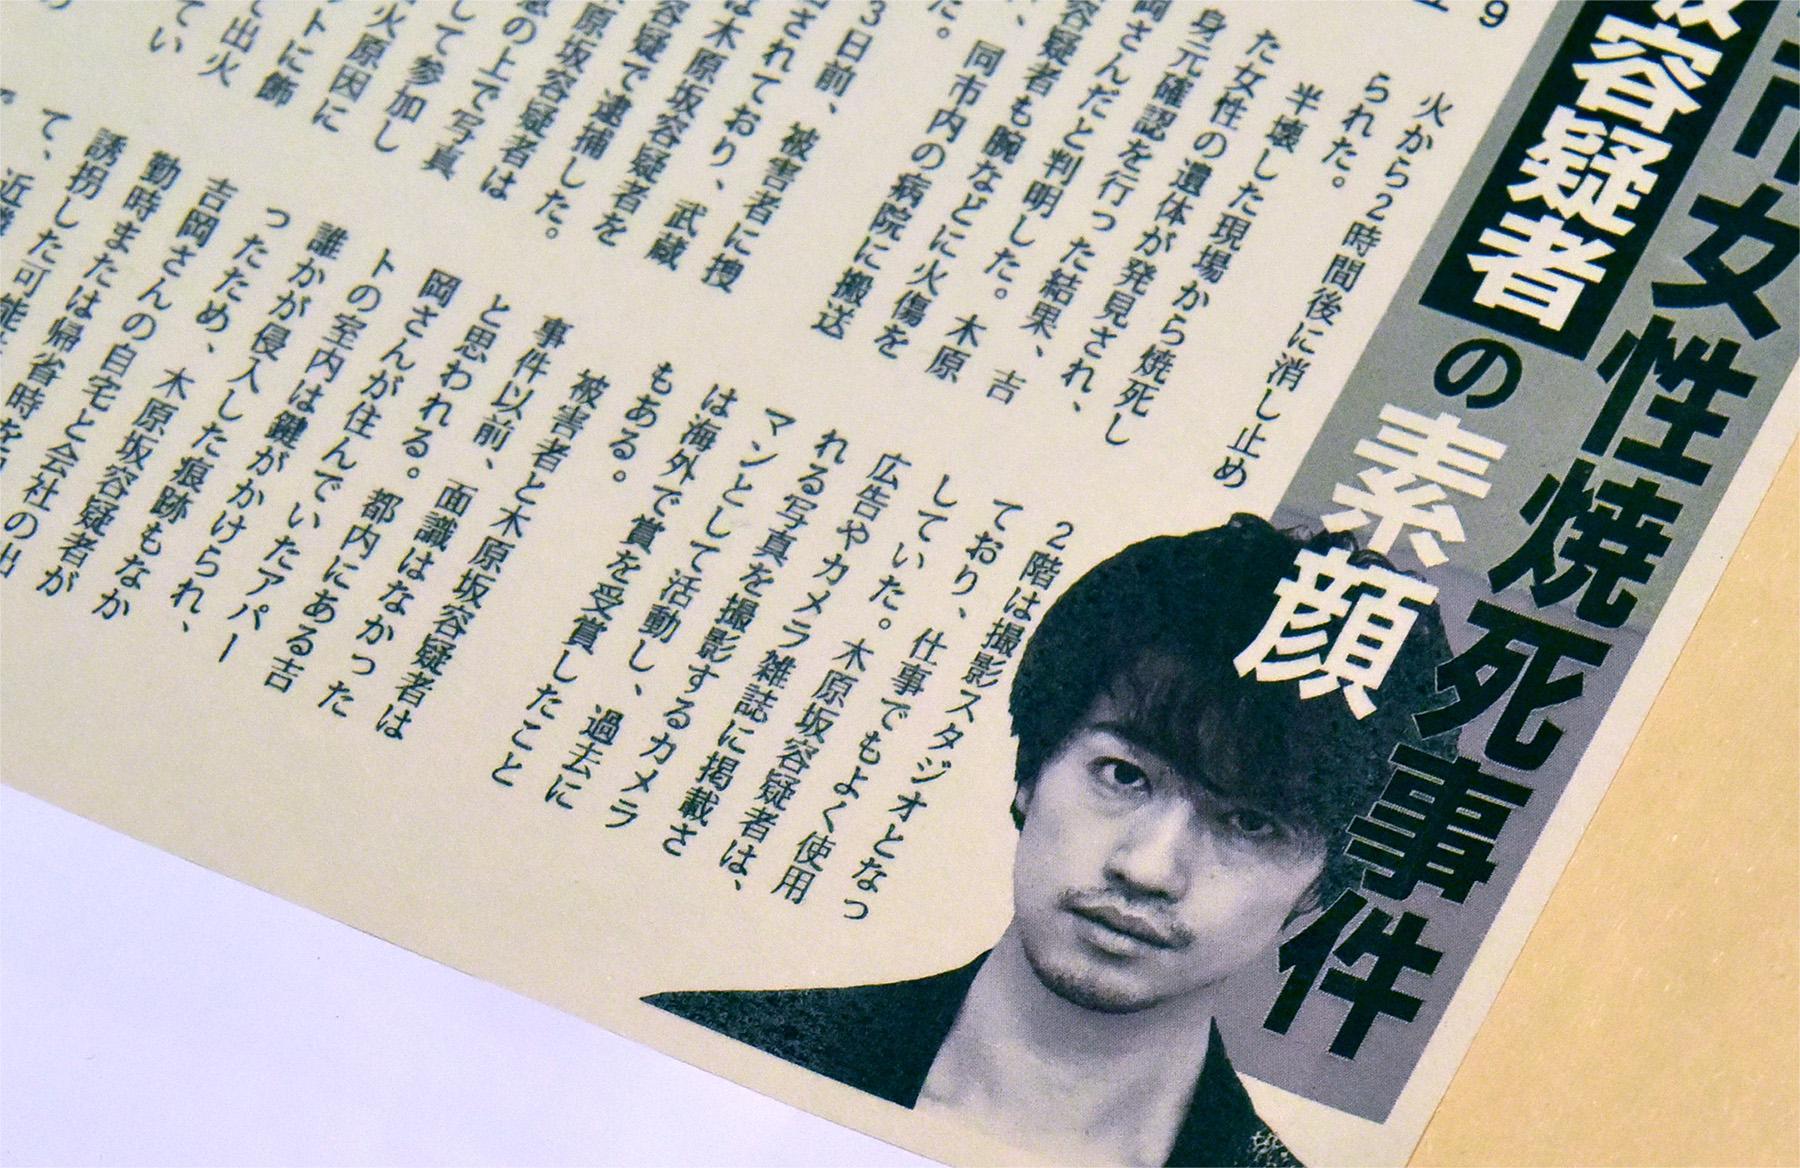 作家・中村文則×監督・瀧本智行が明かす『去年の冬、きみと別れ』制作の舞台裏